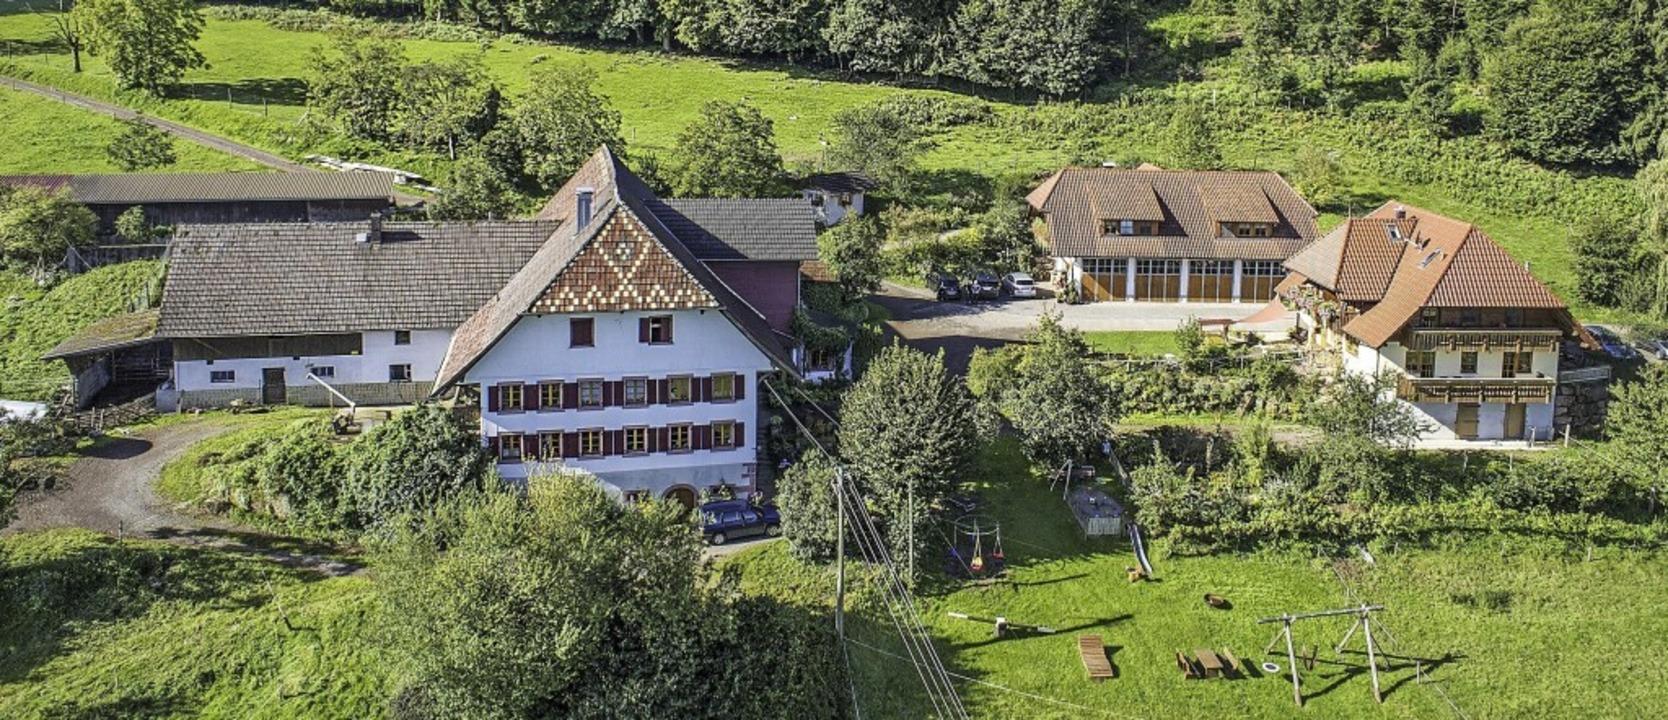 Der Haghof in Seelbach liegt über dem Steinbächle am Sauberg.  | Foto: Horst Fahrländer